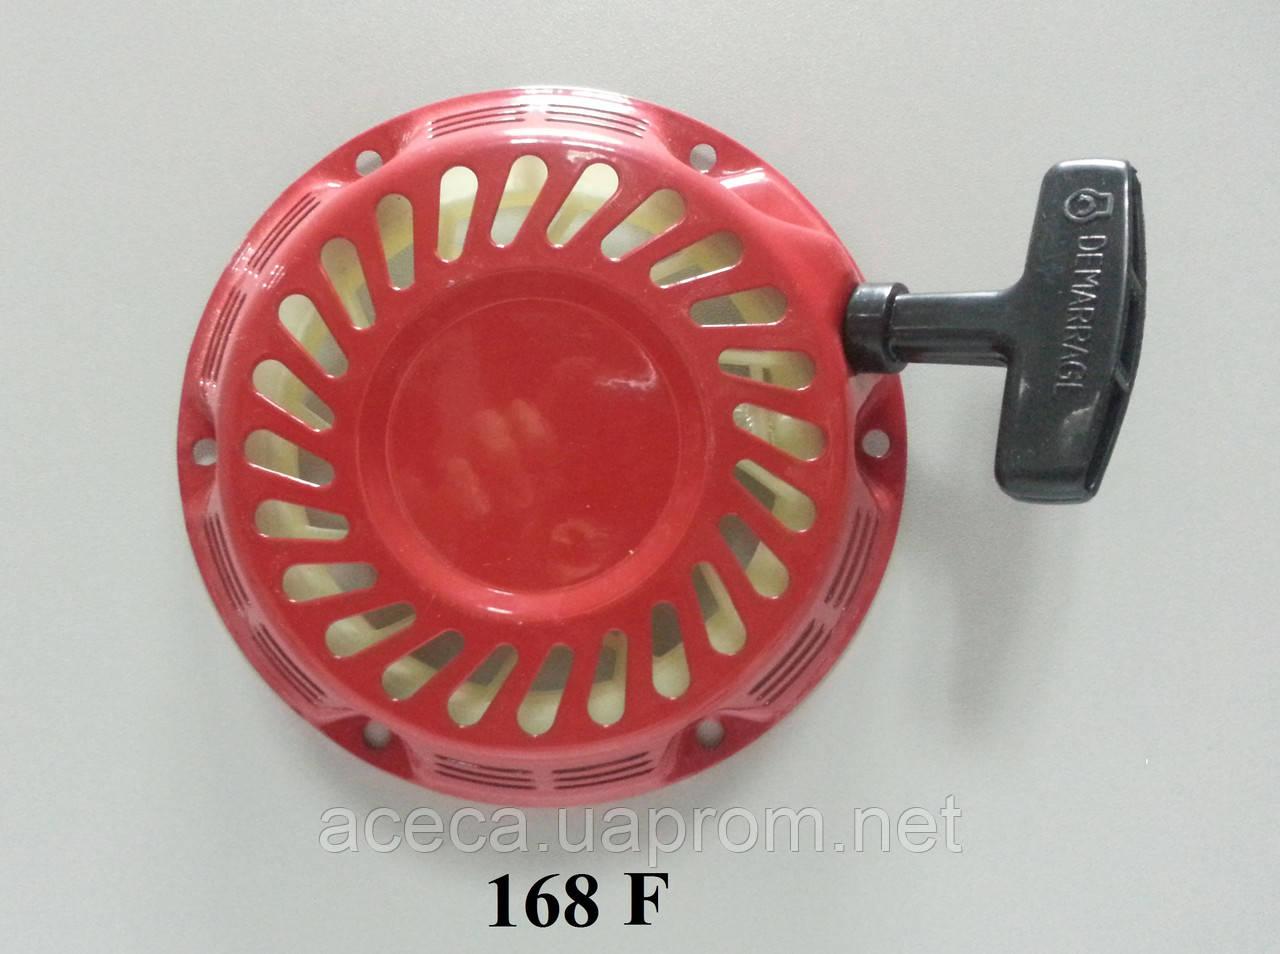 Кик-стартер электрогенератора 168 F